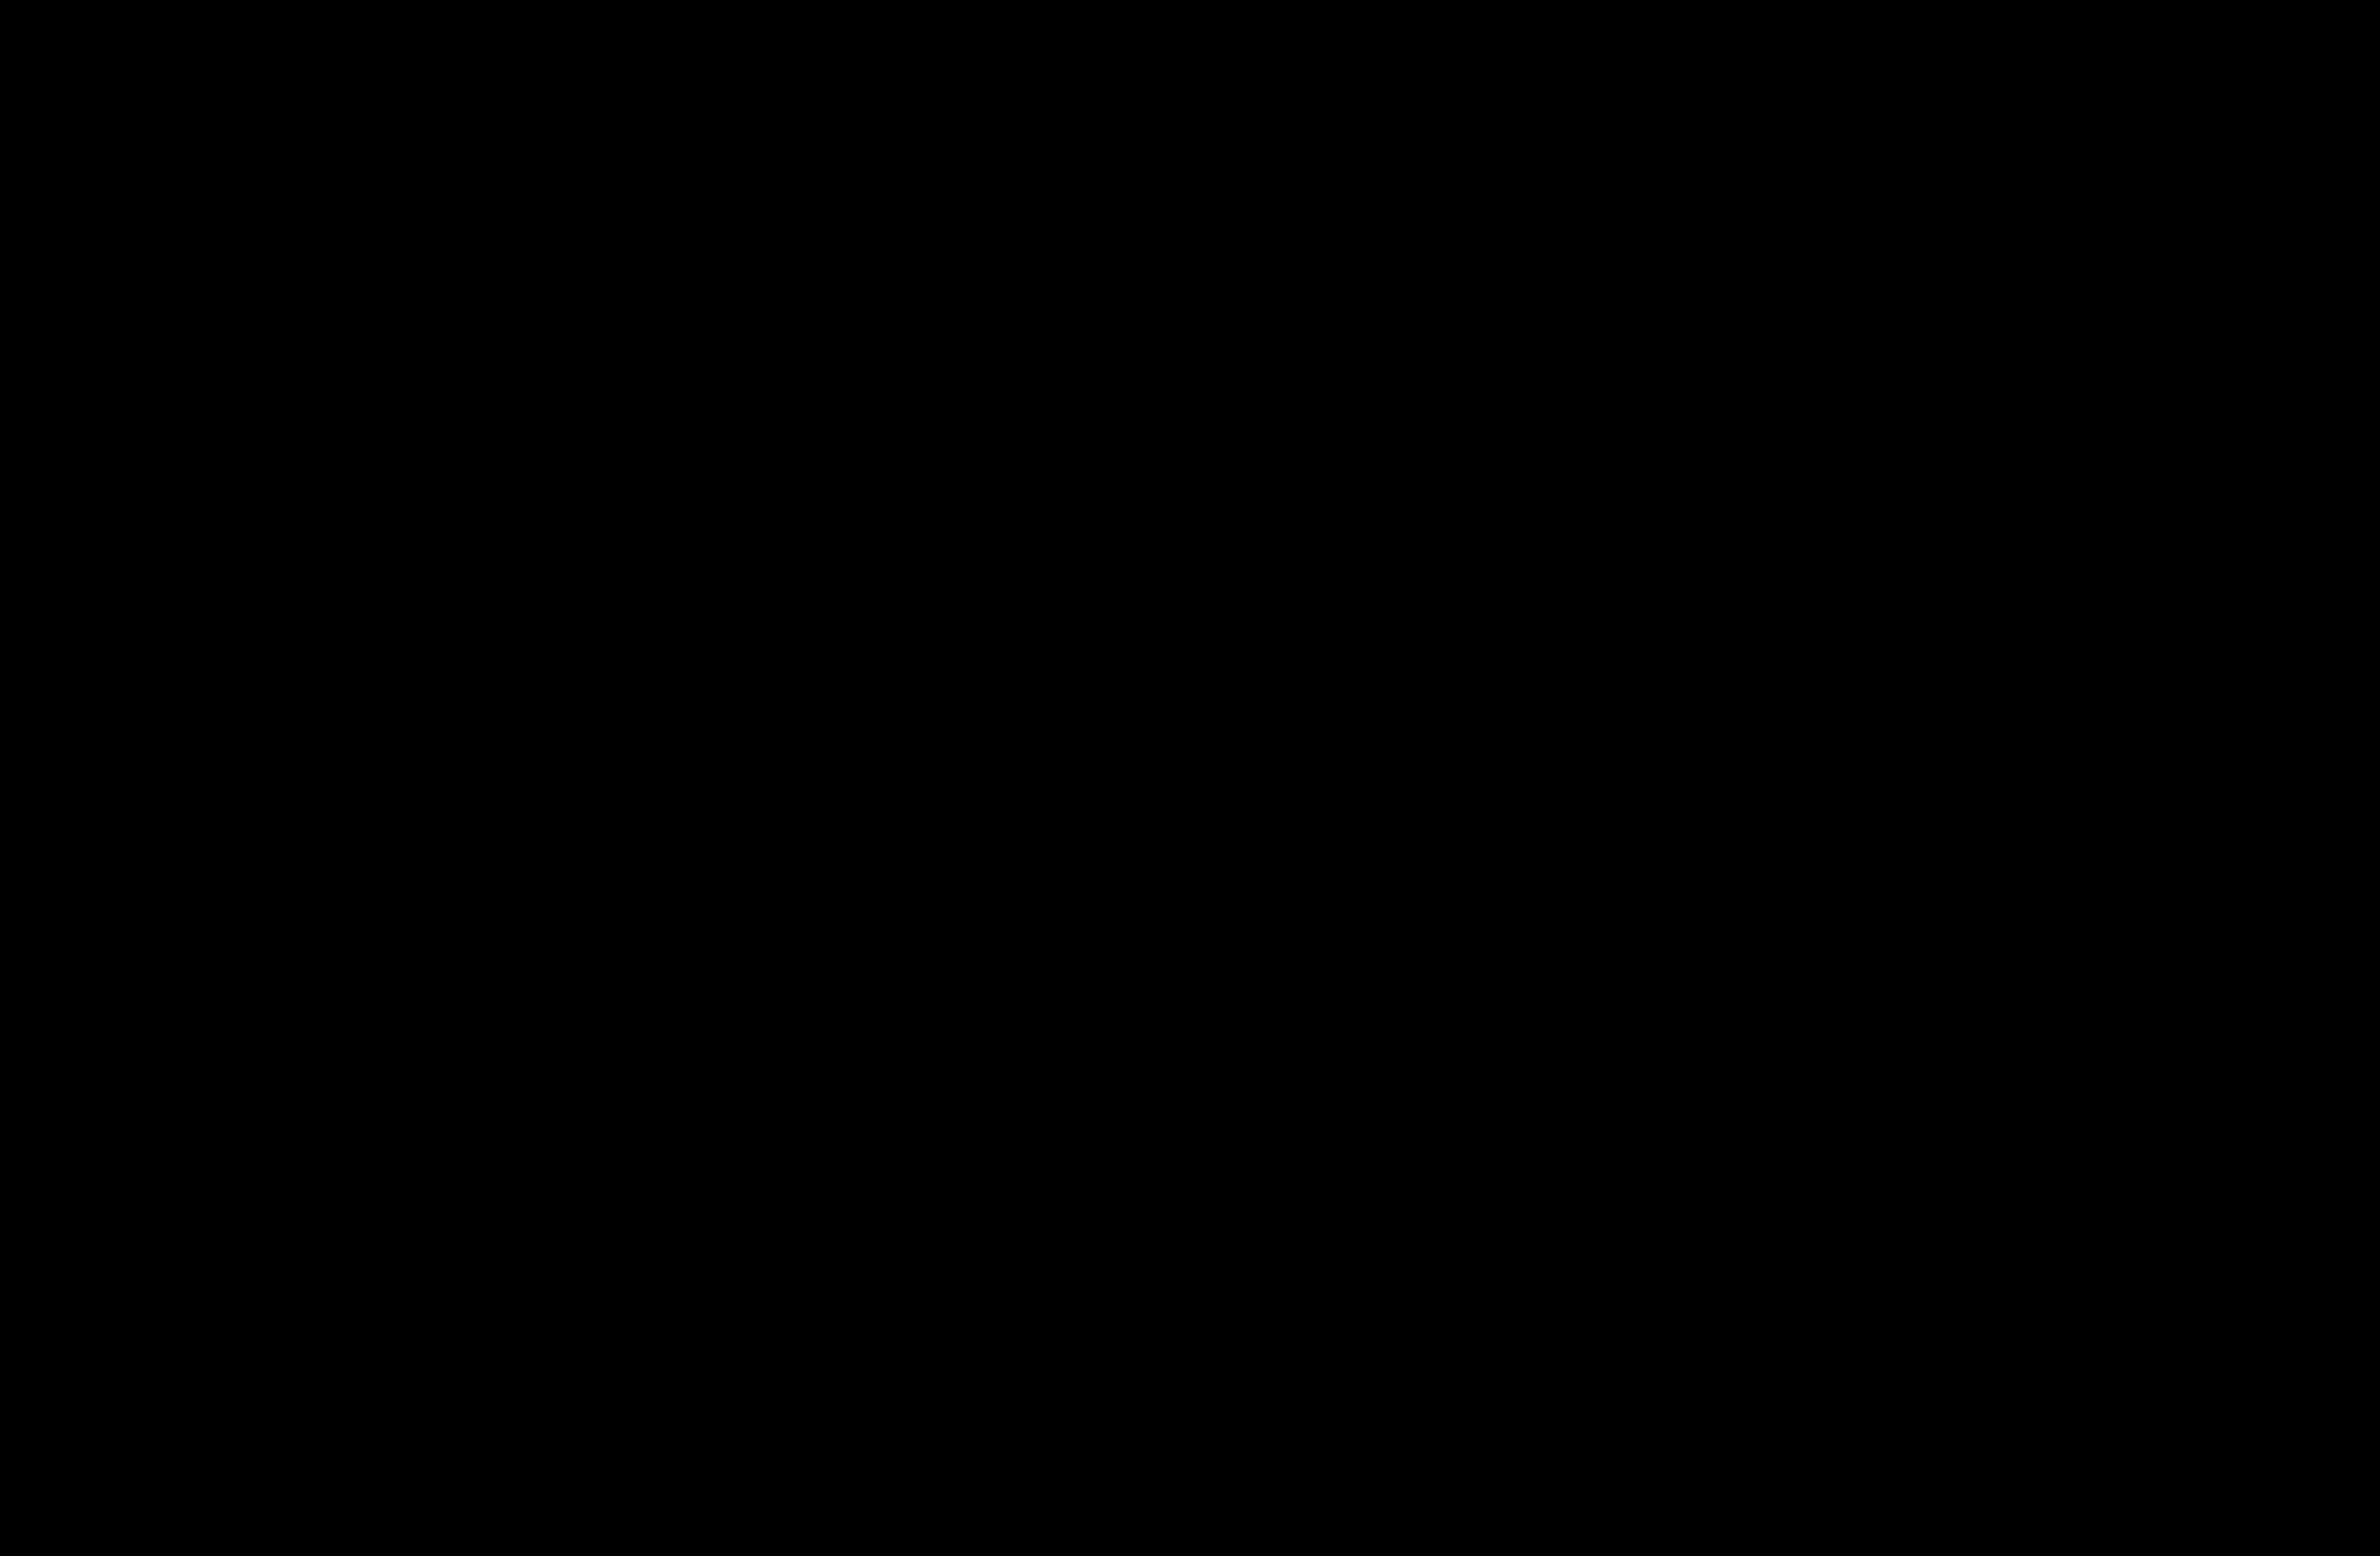 モダンなボクシングクラブ